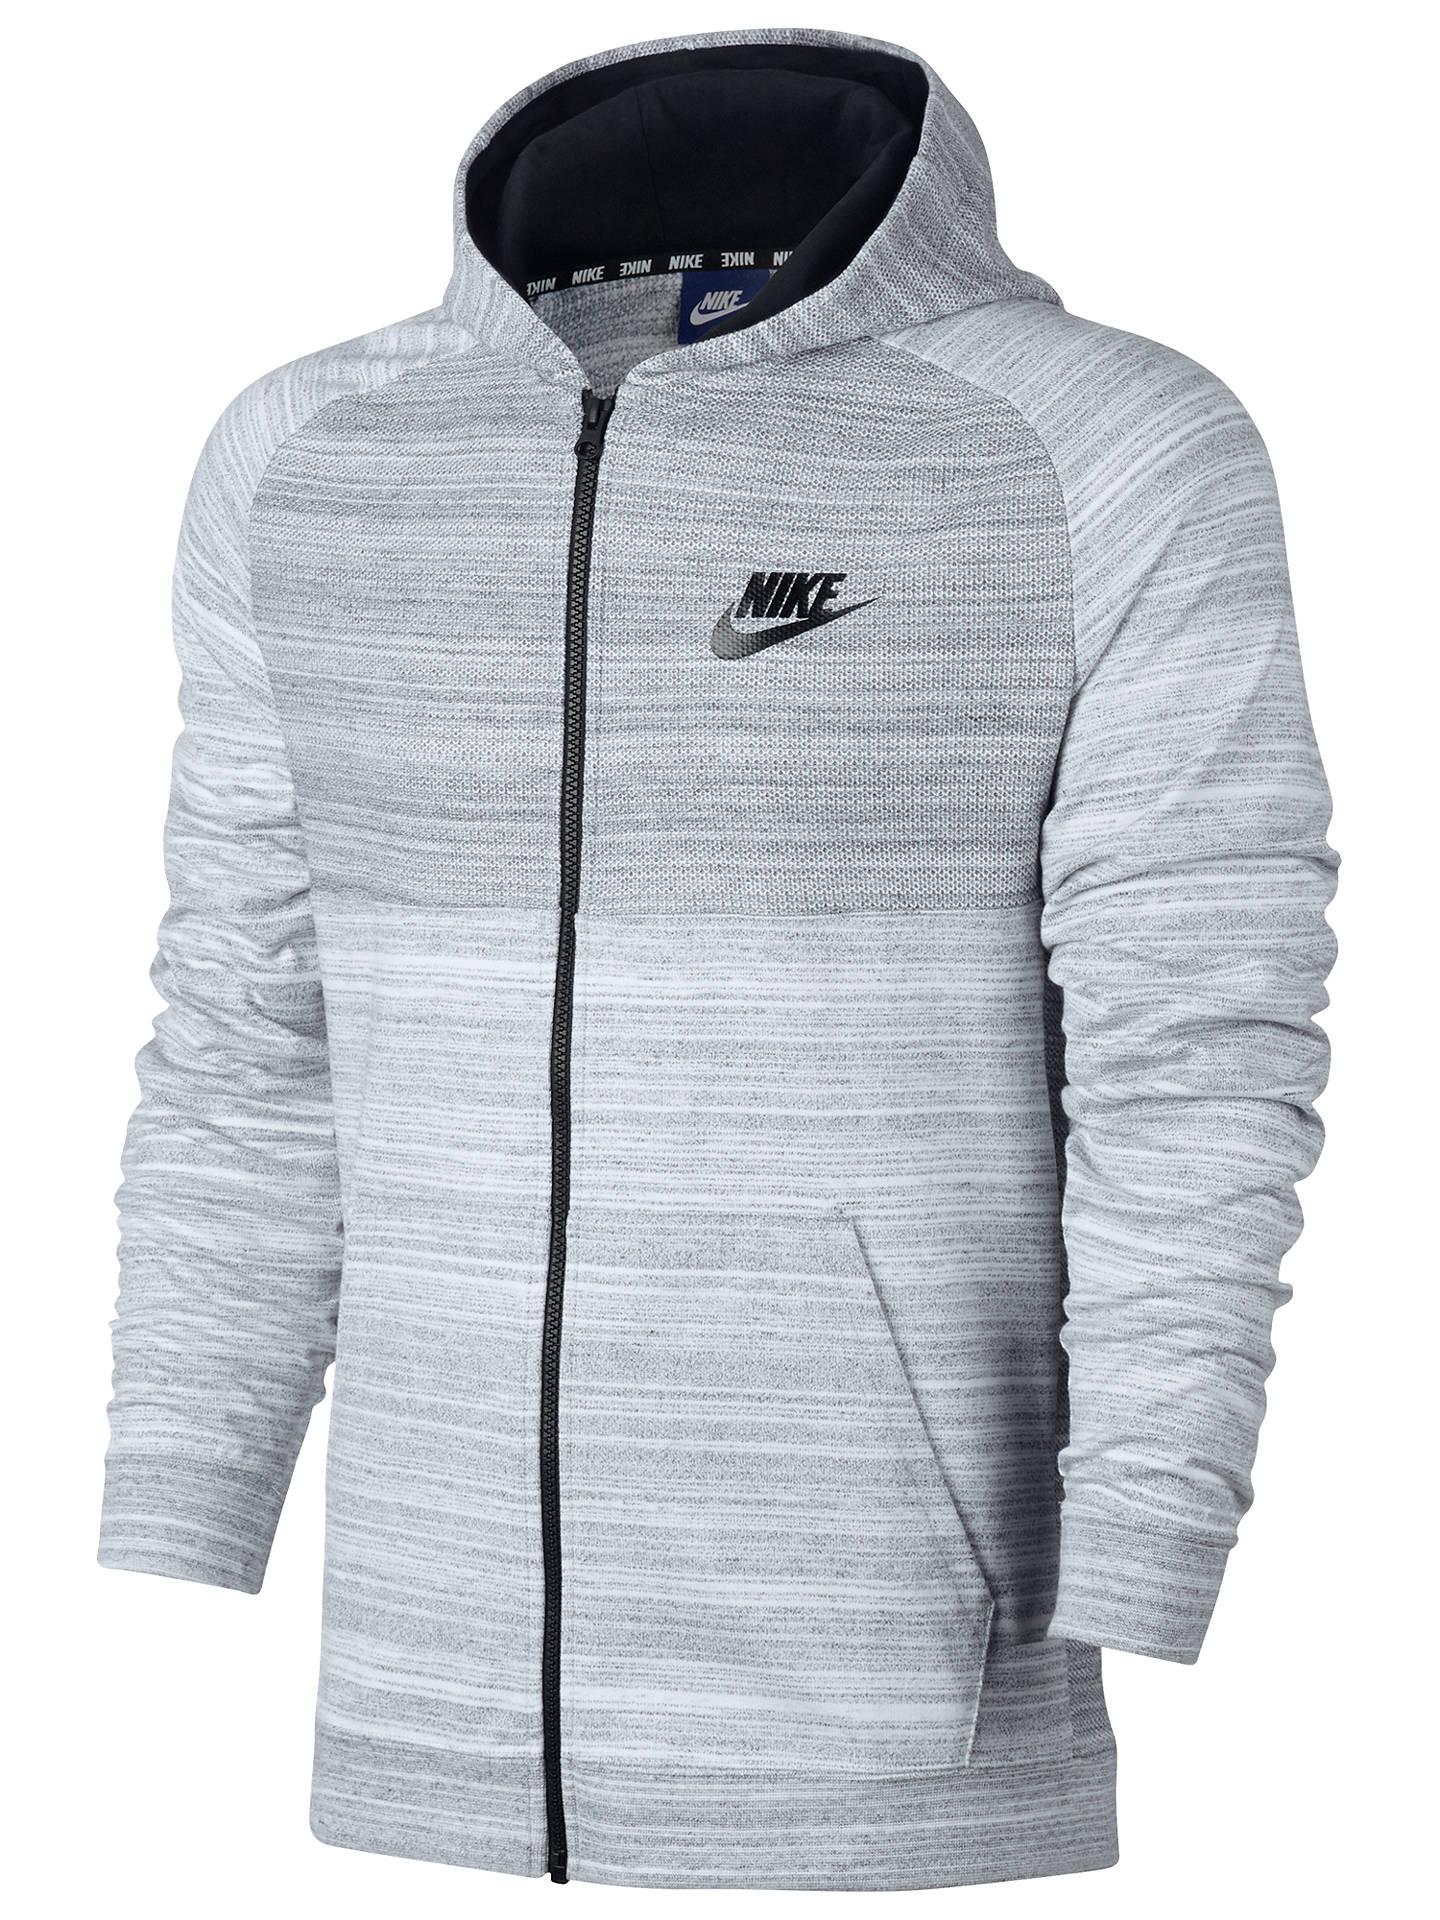 BuyNike Sportswear Advance 15 Hoodie 0efe1dd1bfdc